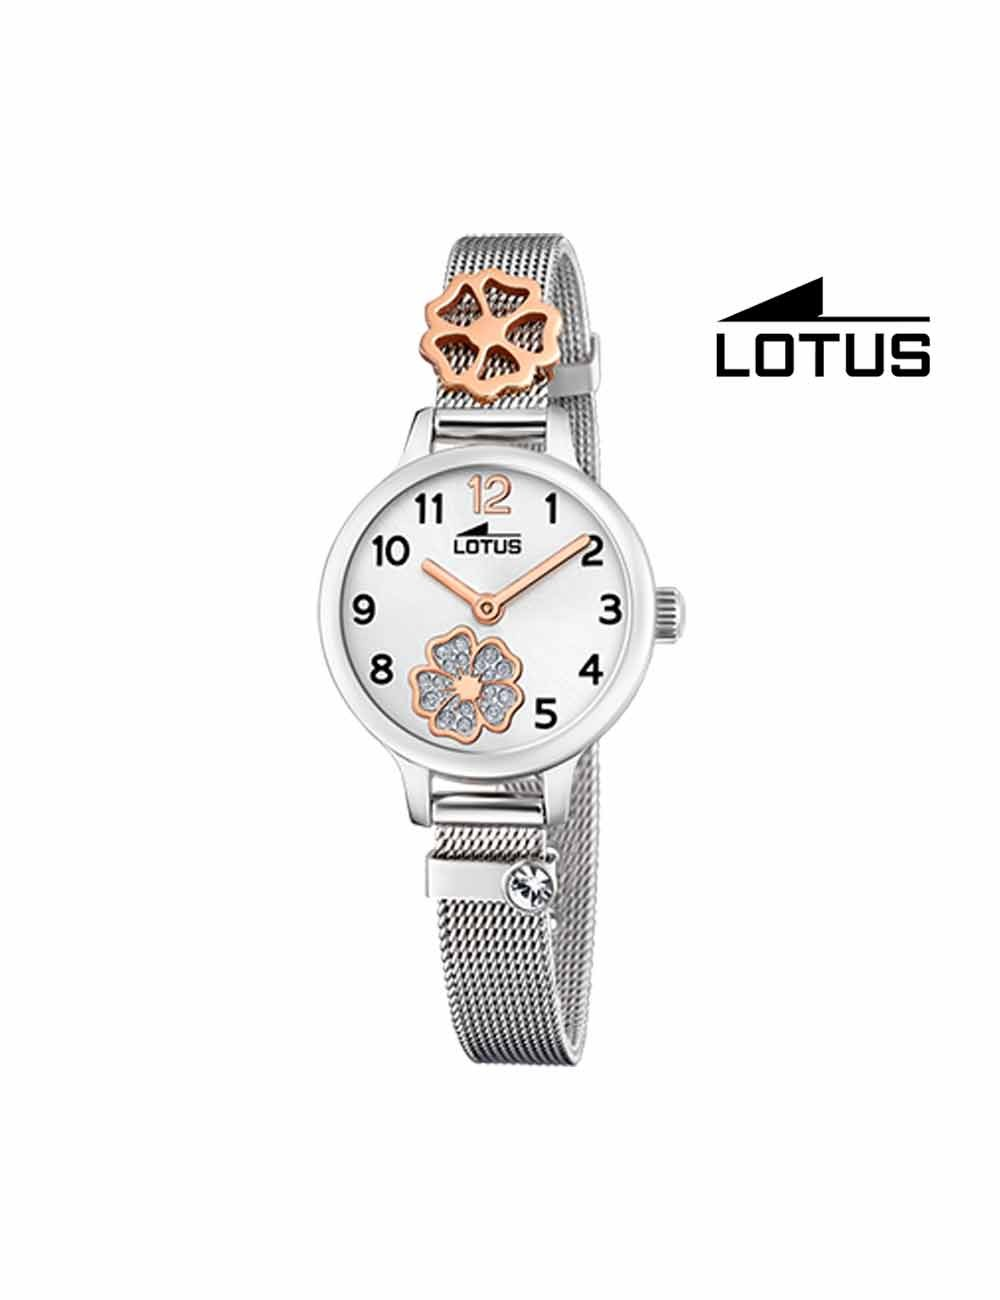 Reloj niña Lotus cadena malla flor brillo 18659-3